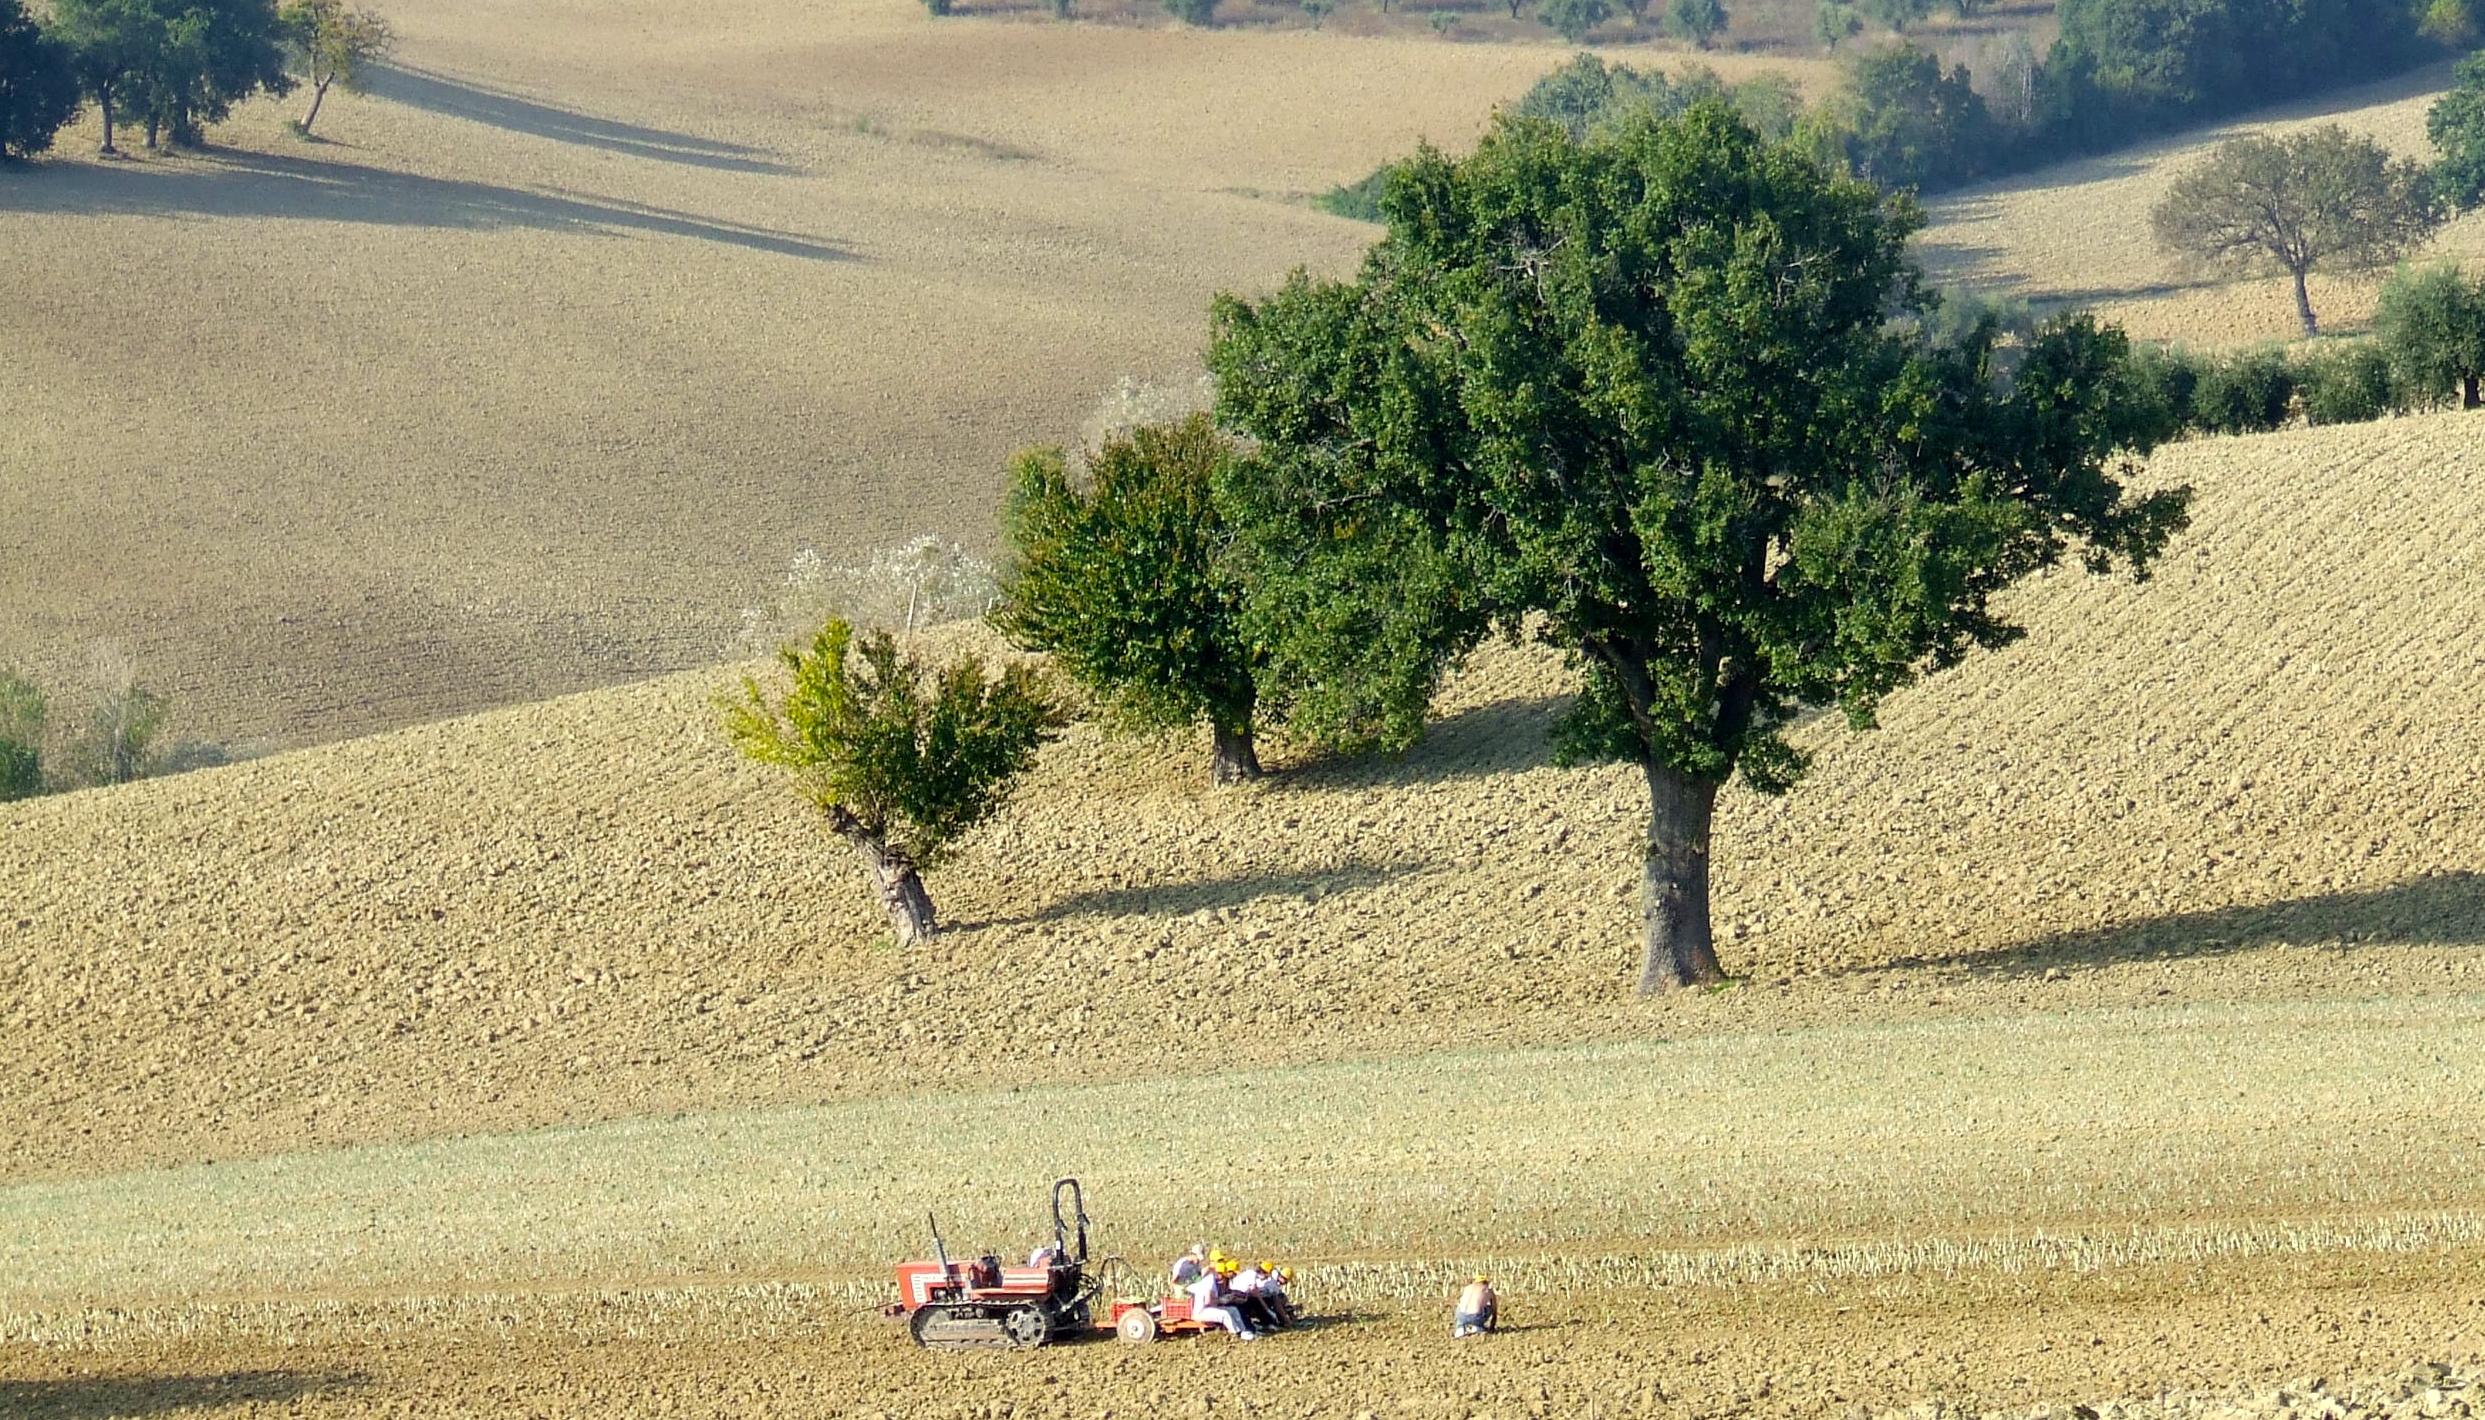 La campagna di filottrano in autunno i viaggi di for Disegni di cabina di campagna